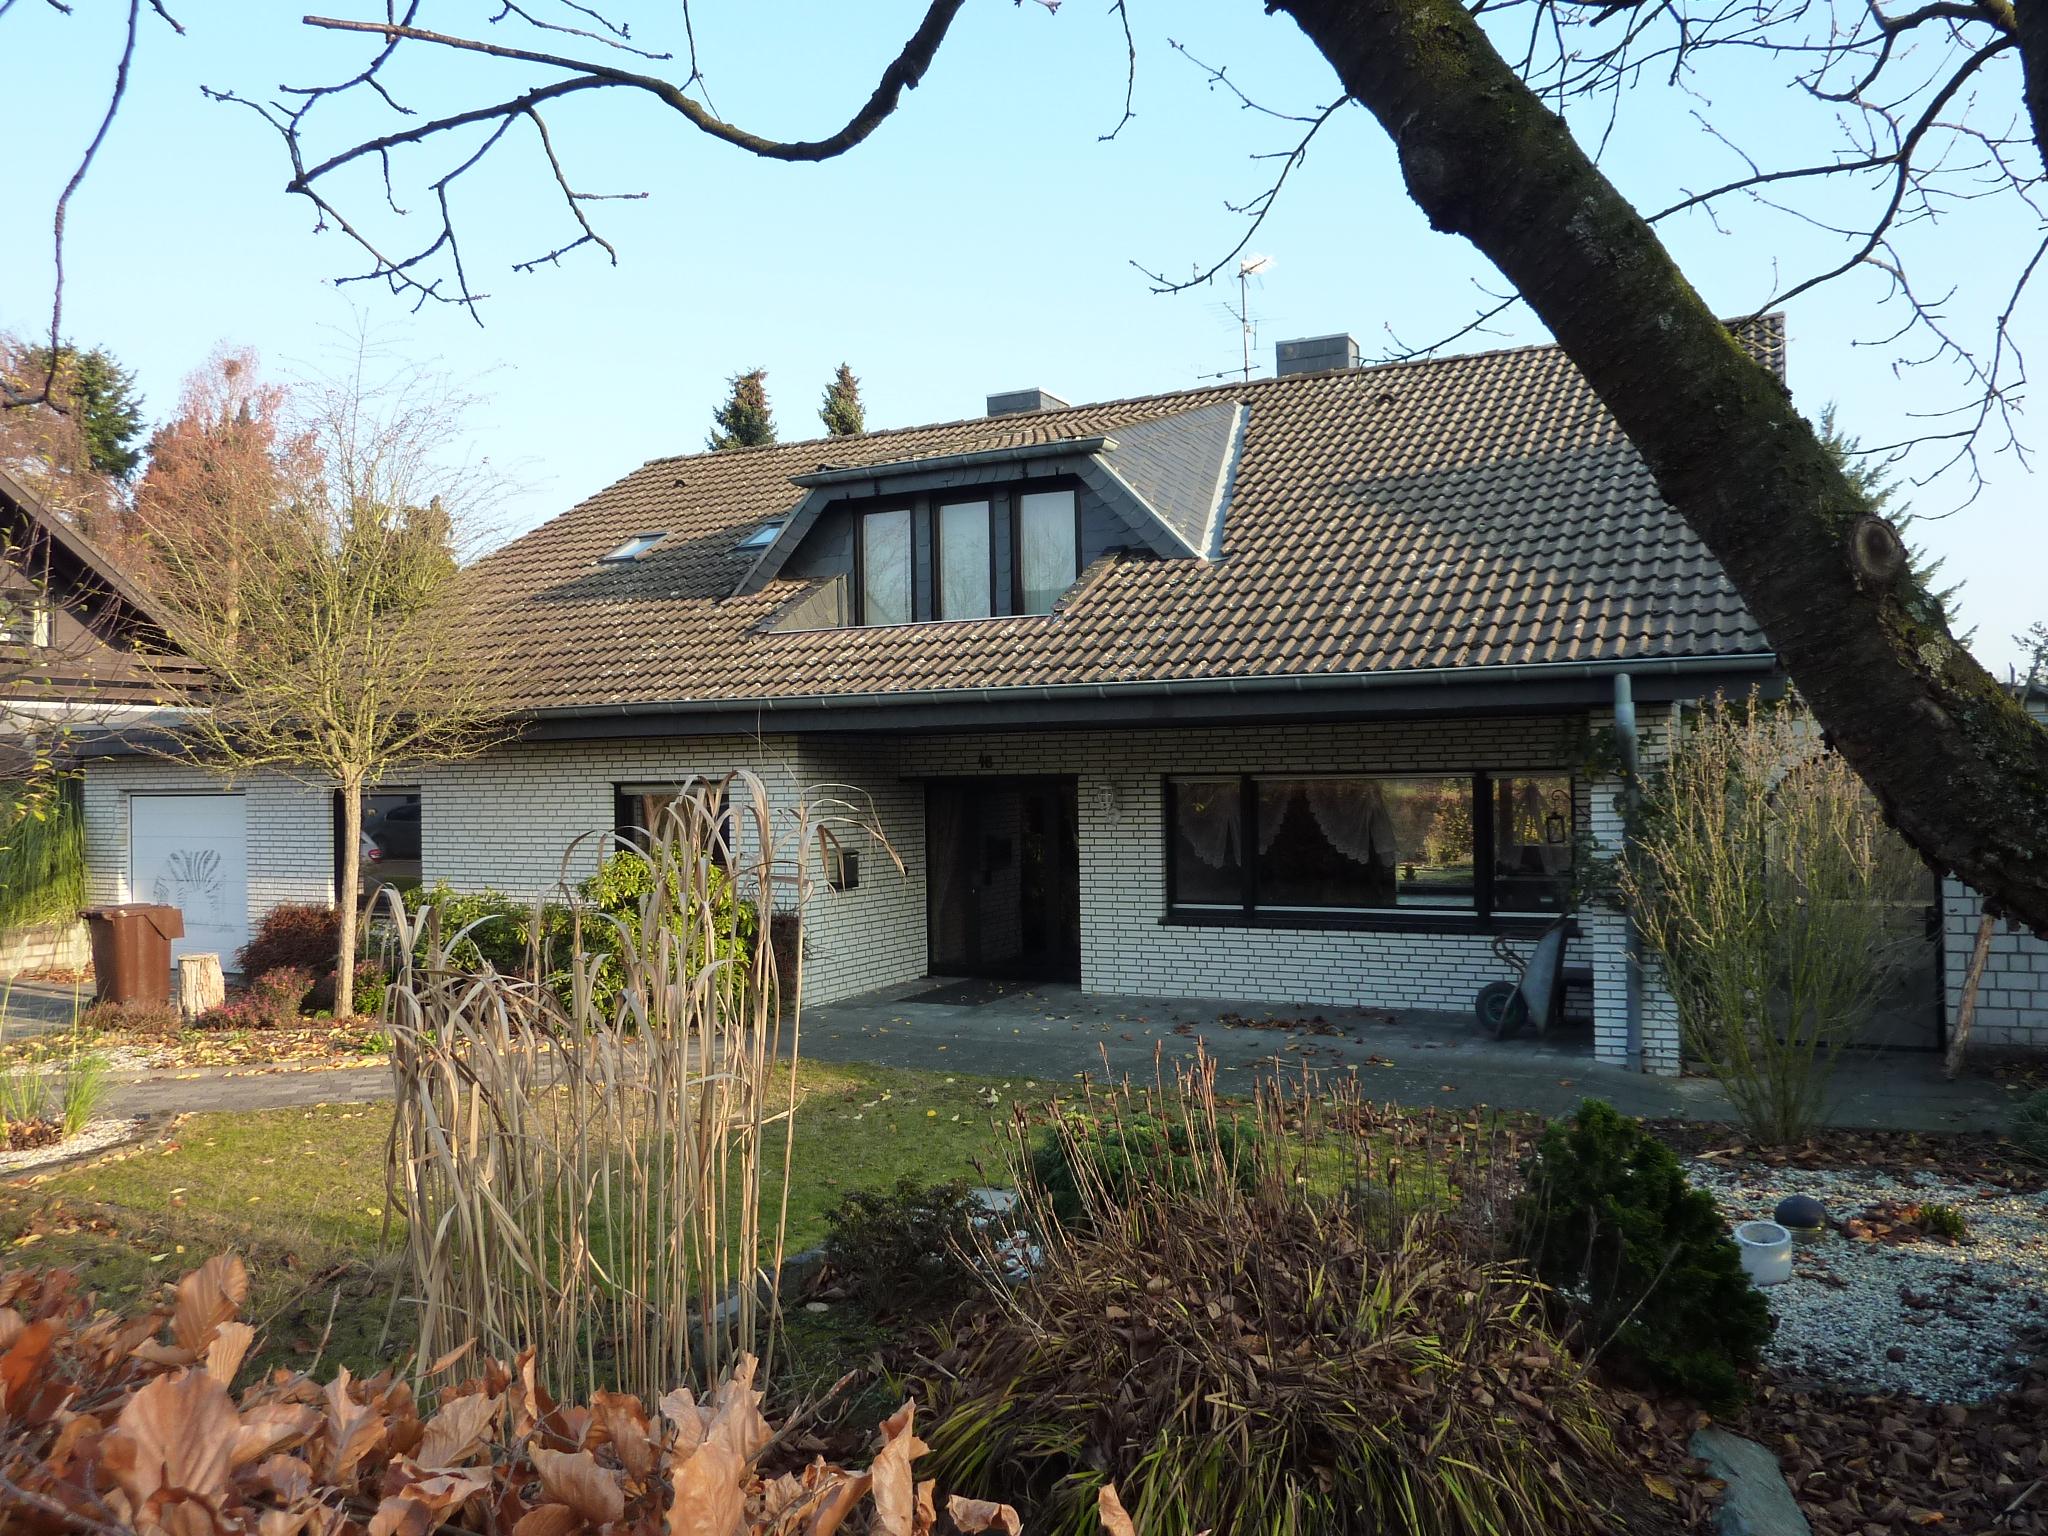 Bonschen Immobilien Reserviert Renovierungsbedurftiges